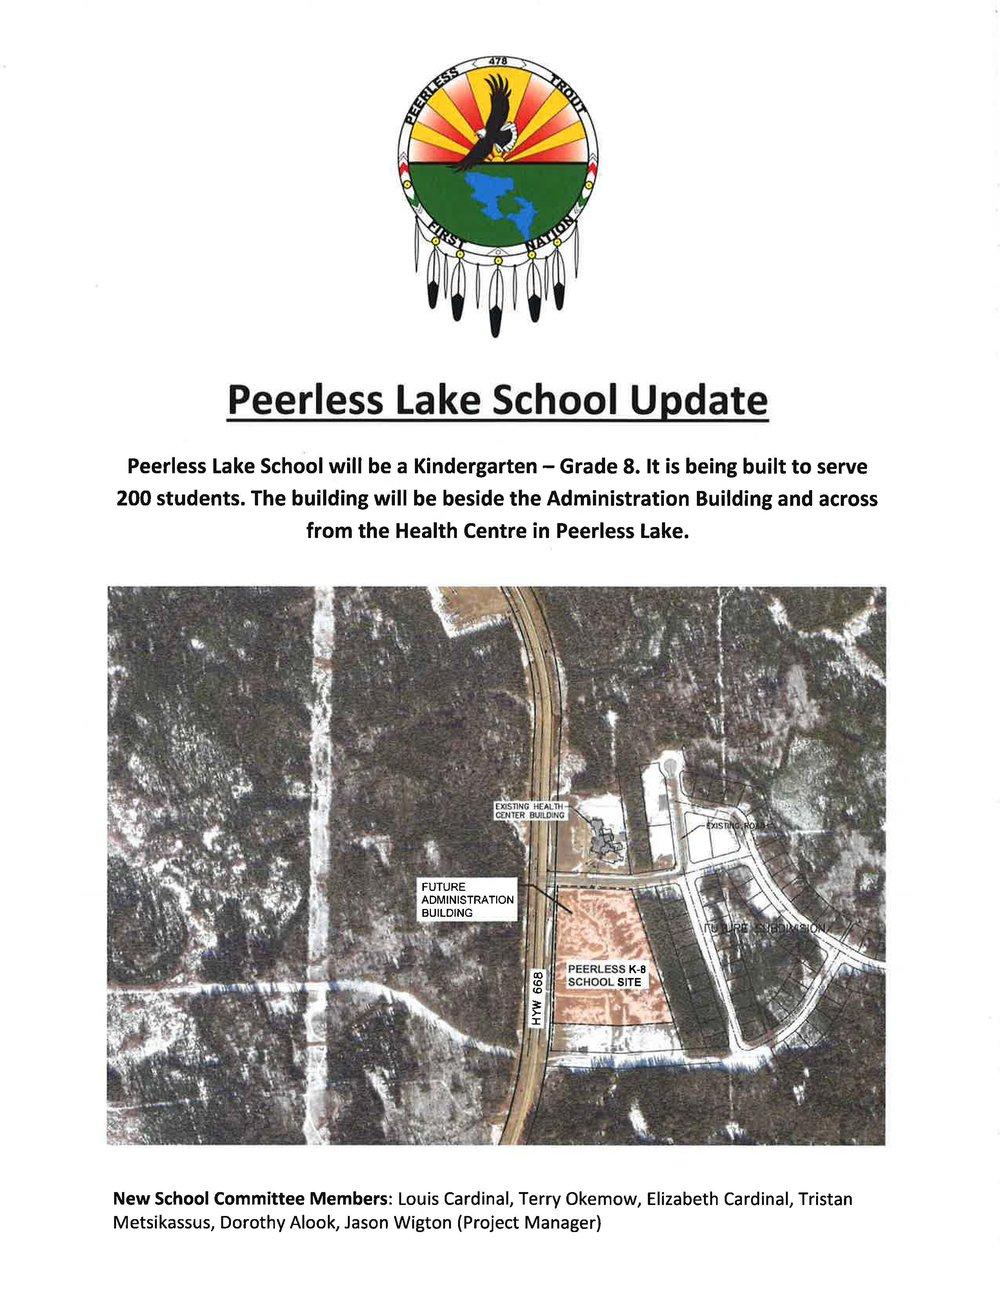 Peerless School Update.jpg